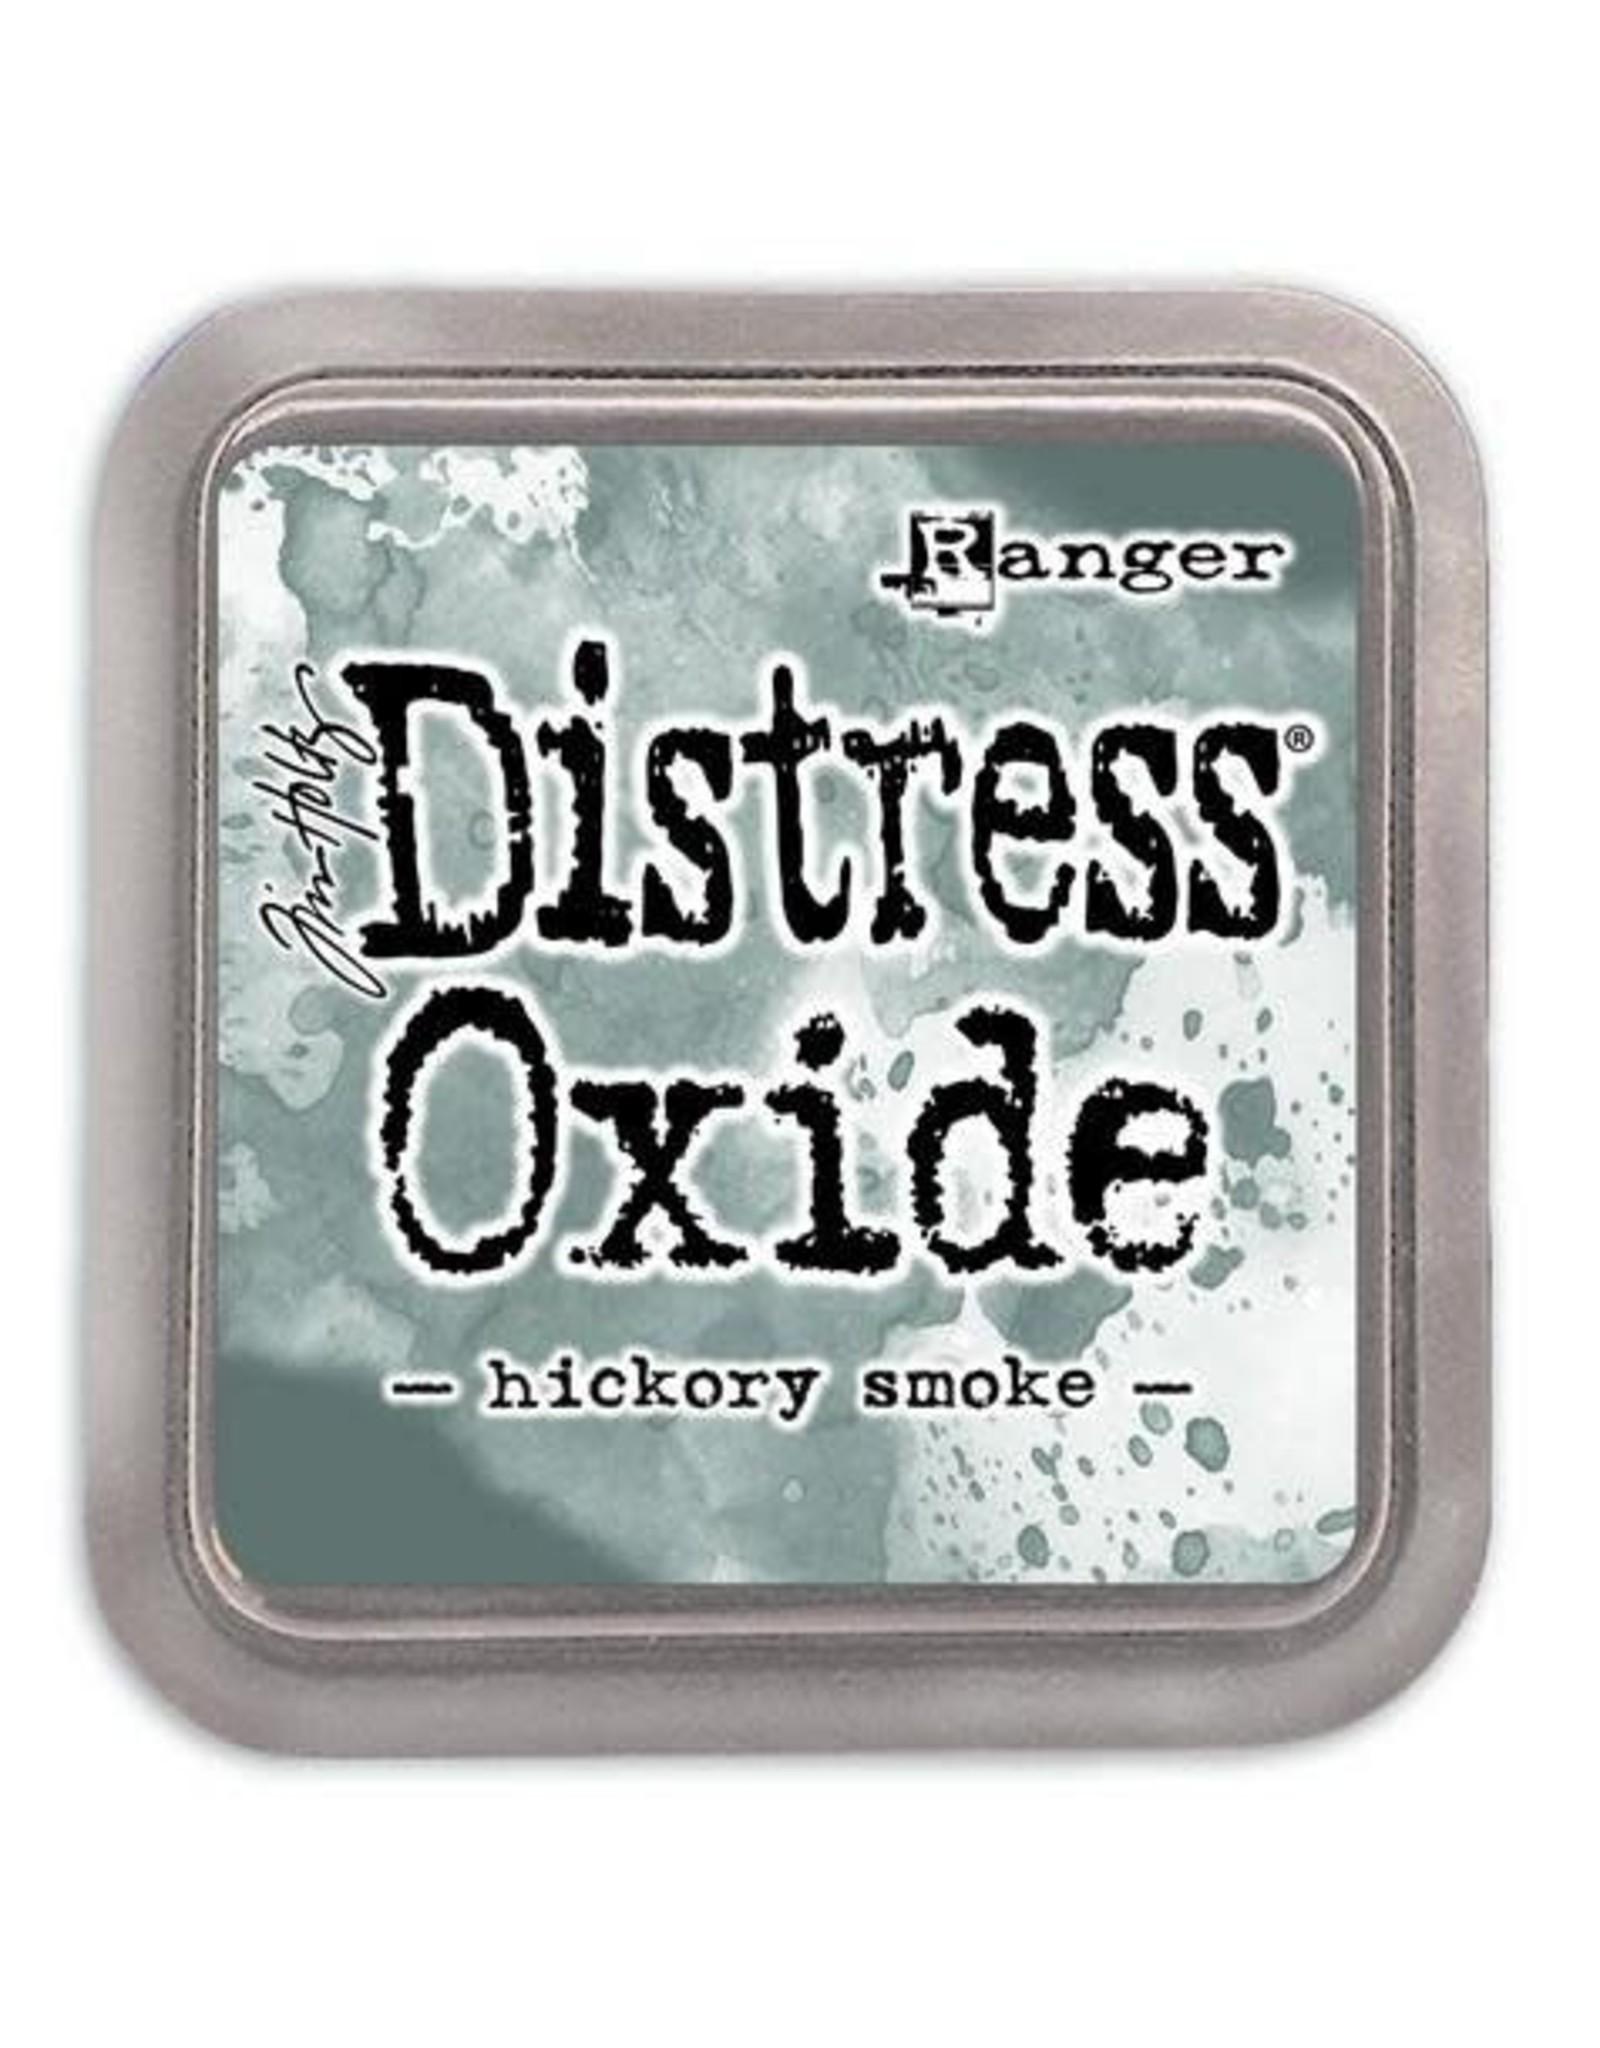 Ranger Ranger Distress Oxide - hickory smoke